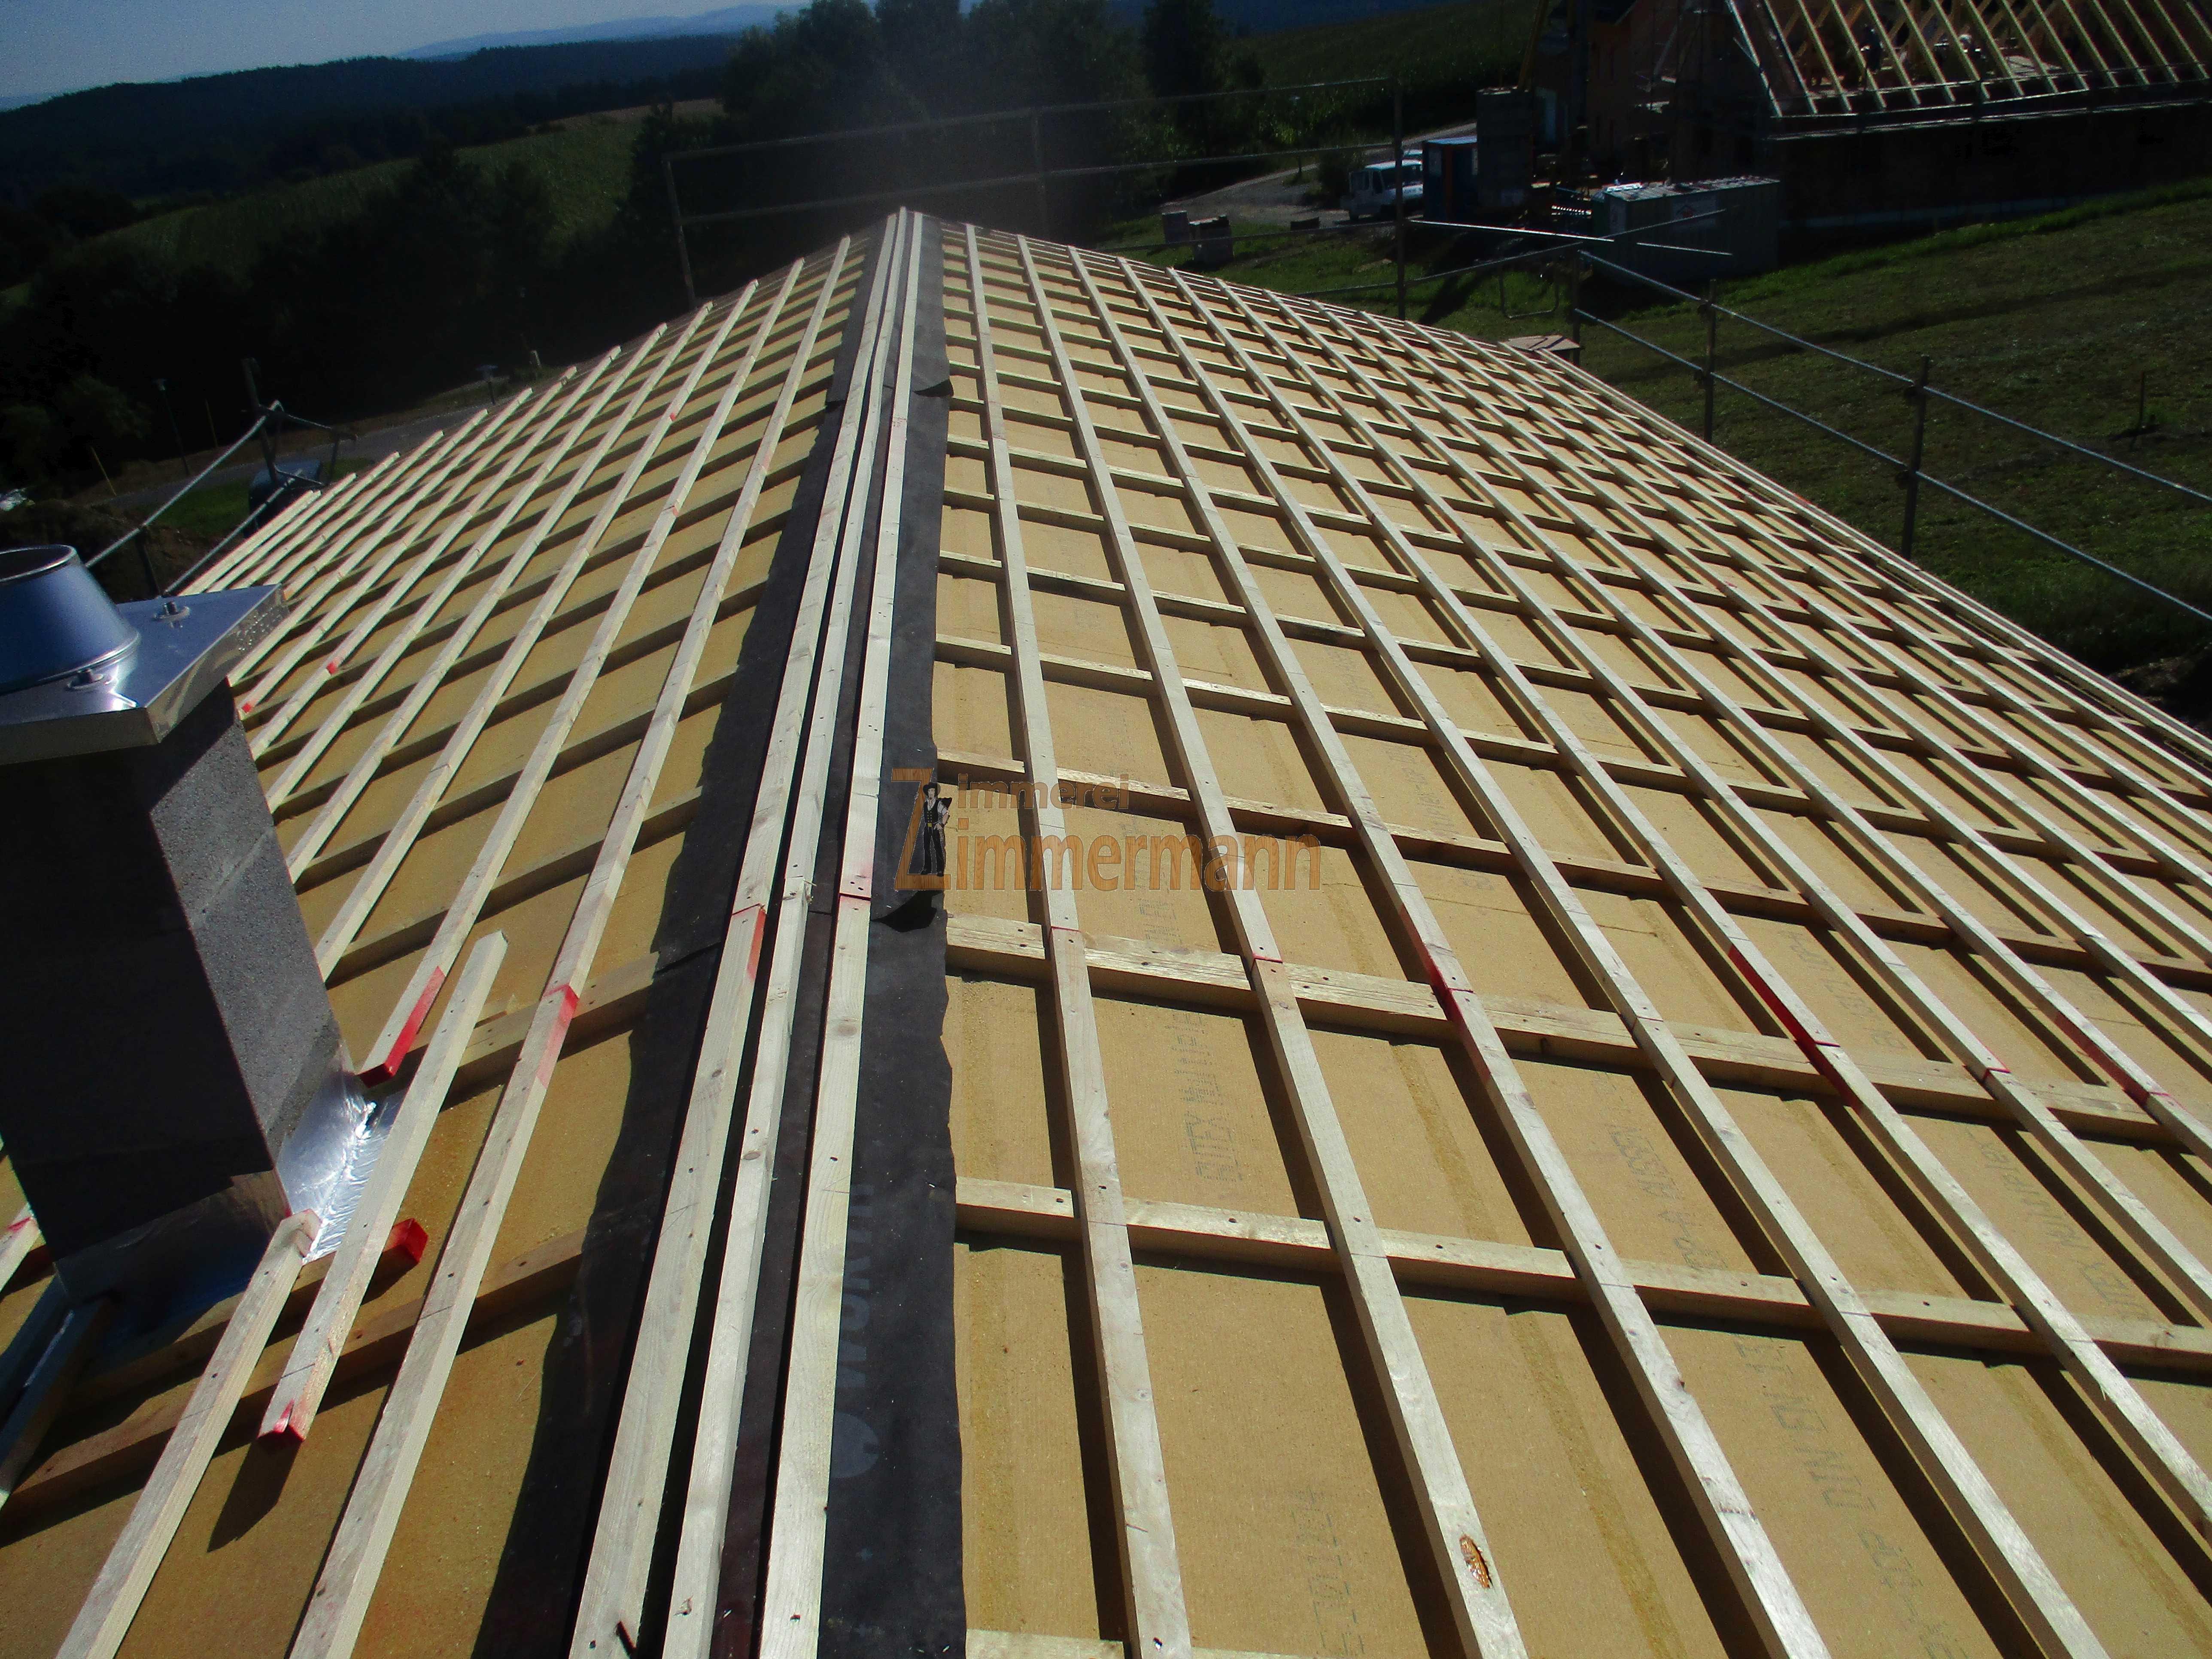 Pfettendachstuhl mit Holzweichfaserunterdeckplatten